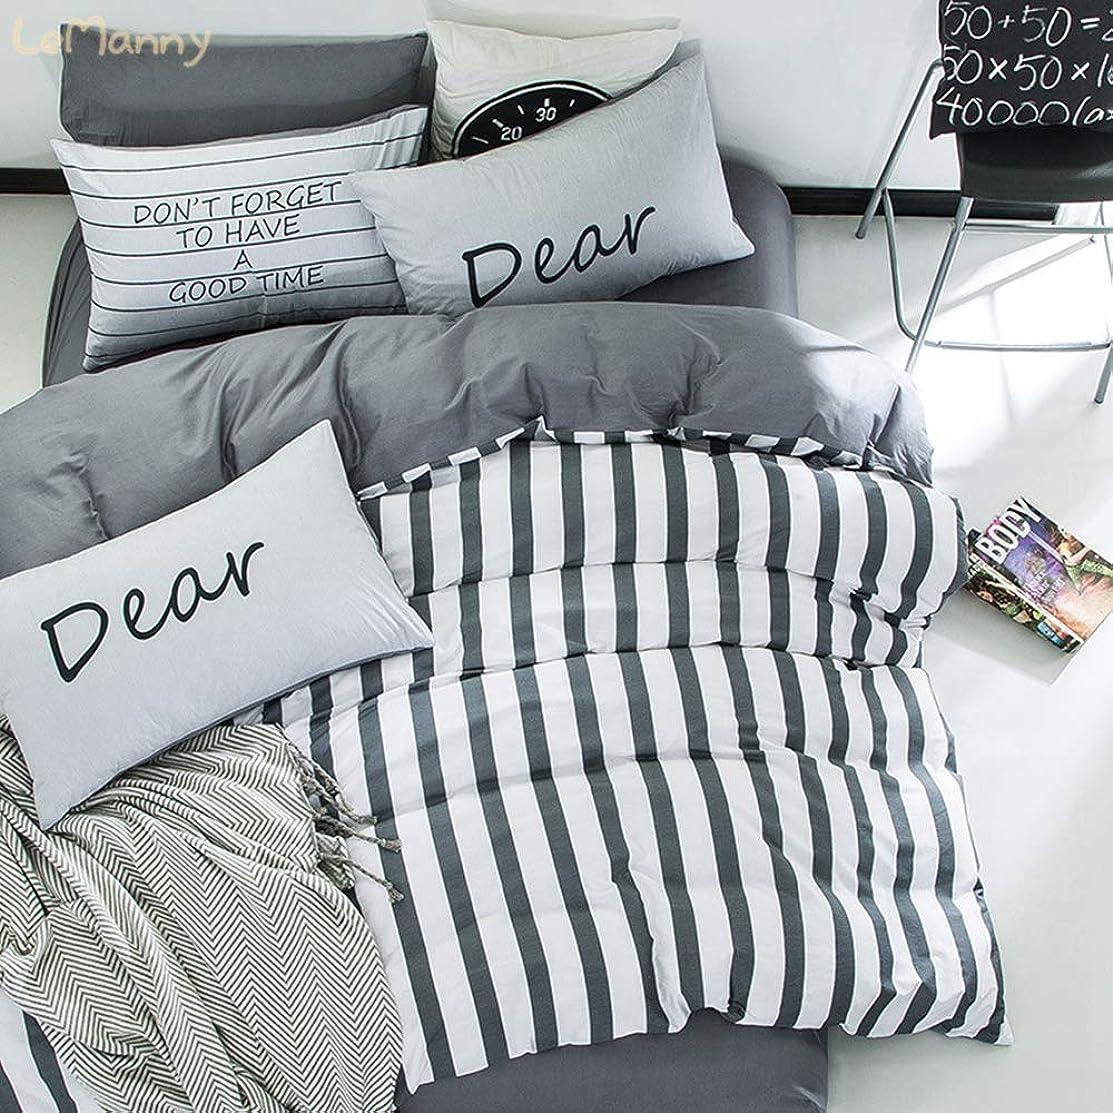 松の木予定同様にコットン100% ベッドカバー 寝具カバー 4点セット 3点 ボックスシート 掛けふとんカバー 布団 敷ふとんカバー ピローケース 枕カバー 綿 ストライプ グレー調 灰色 ネイビー シンプル 北欧 キングサイズ クイーン ダブル